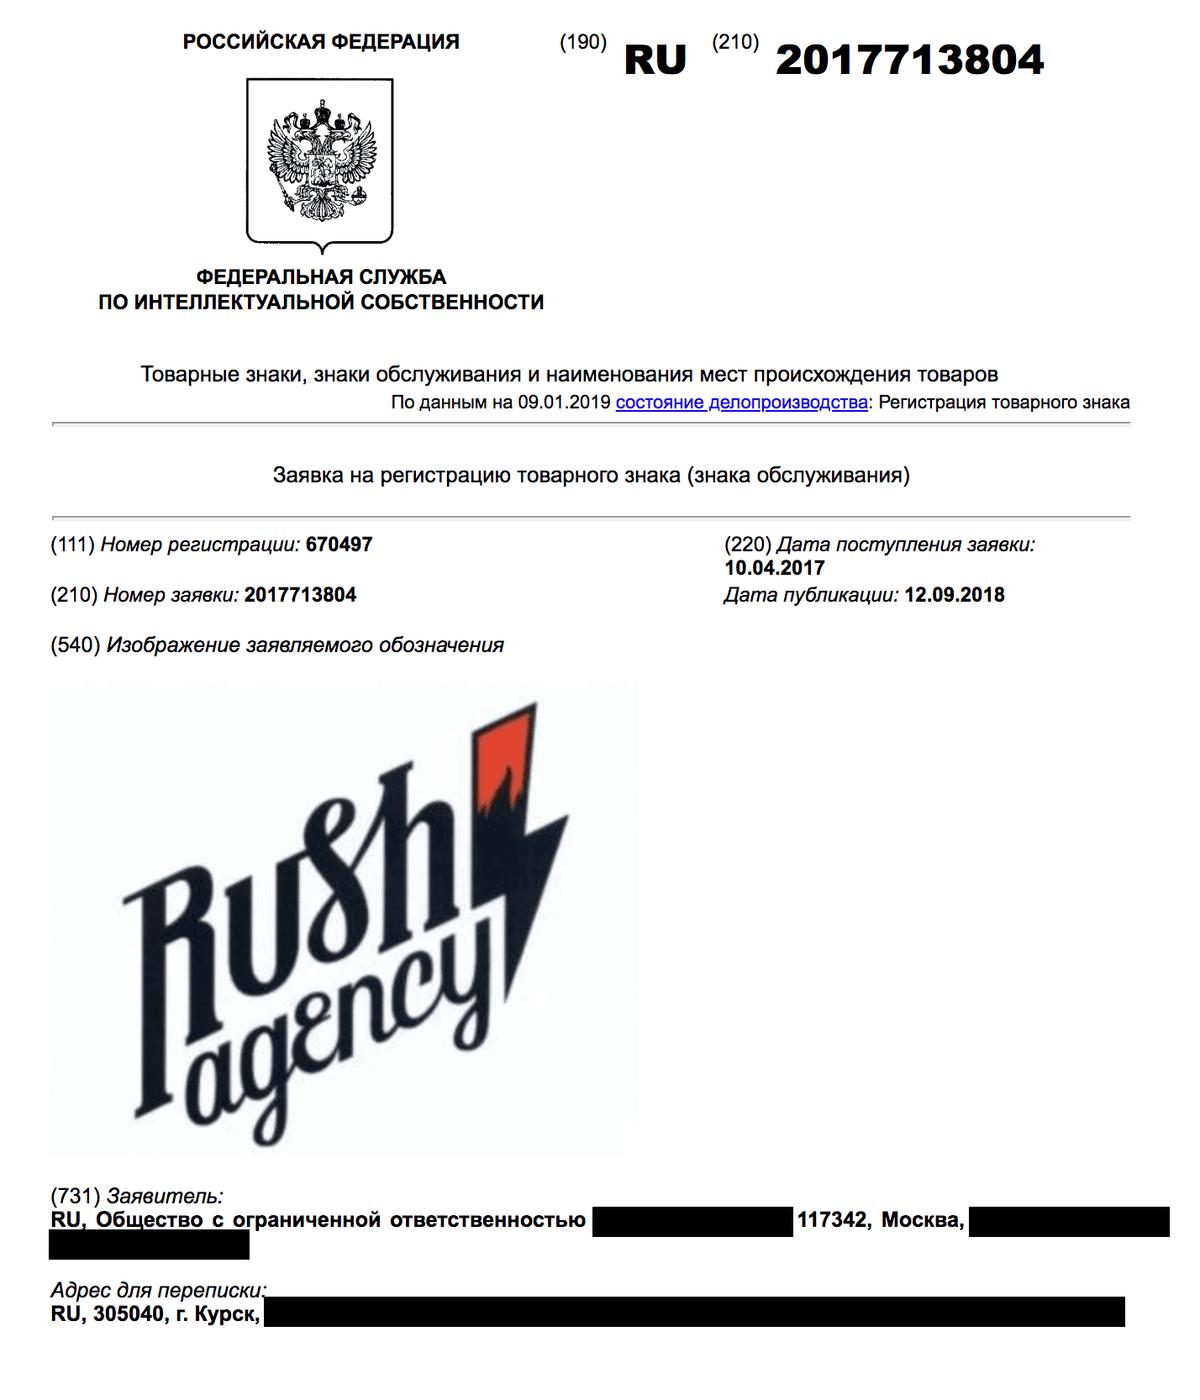 Я работаю из Курска, но у нашей юрфирмы клиенты в Калининграде, Магадане и еще 80 городах. Обычная история, когда заявитель — веб-агентство из Москвы, а мы из Курска регистрируем их товарный знак